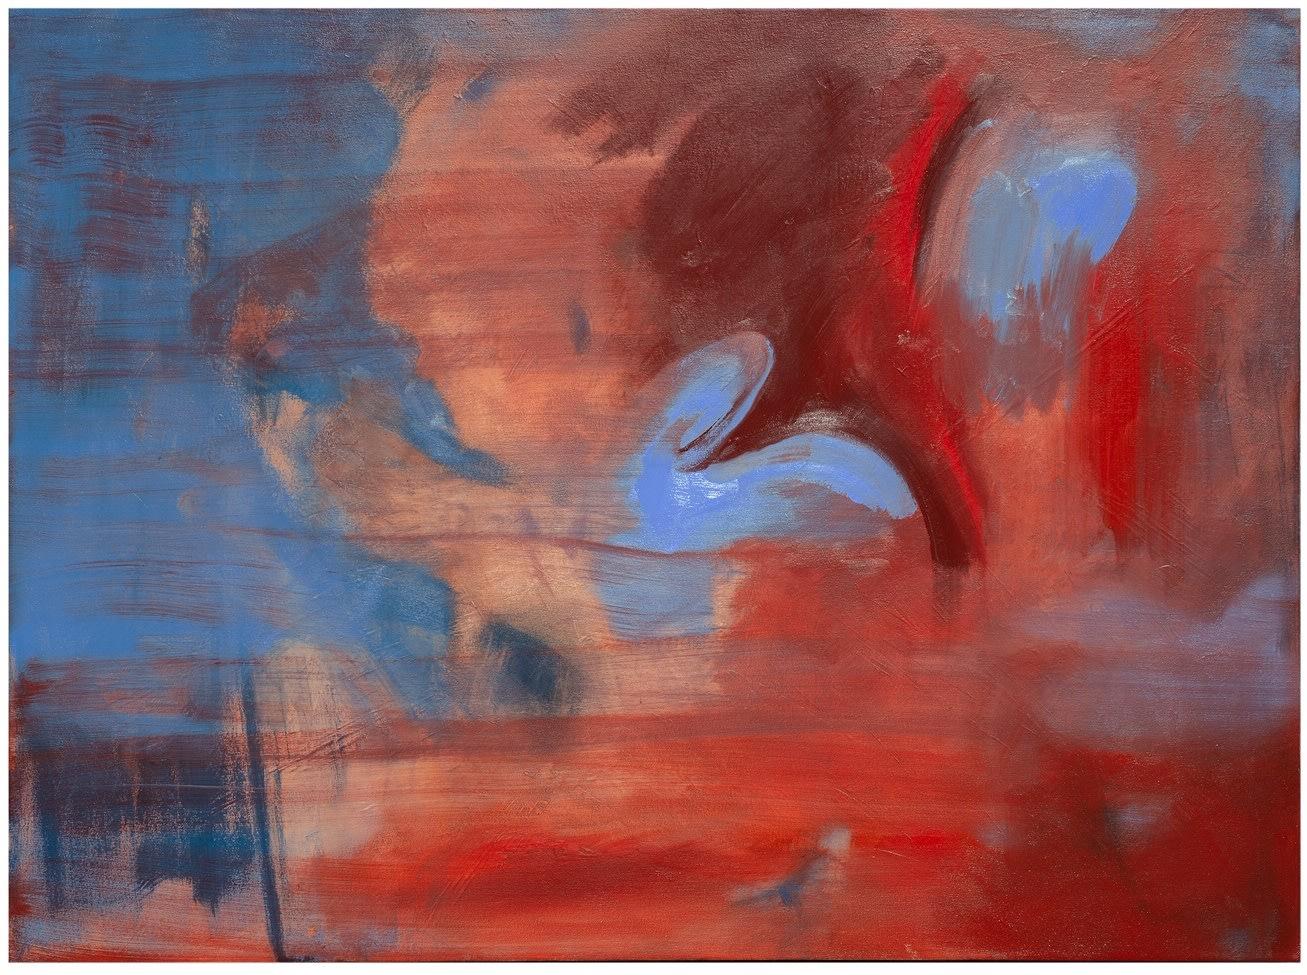 Julia Dubsky Fig Rabbit Duck (Kaninchen und Ente), 2020 Oil on Canvas 92 x 127 cm (WG/JDUB00049)